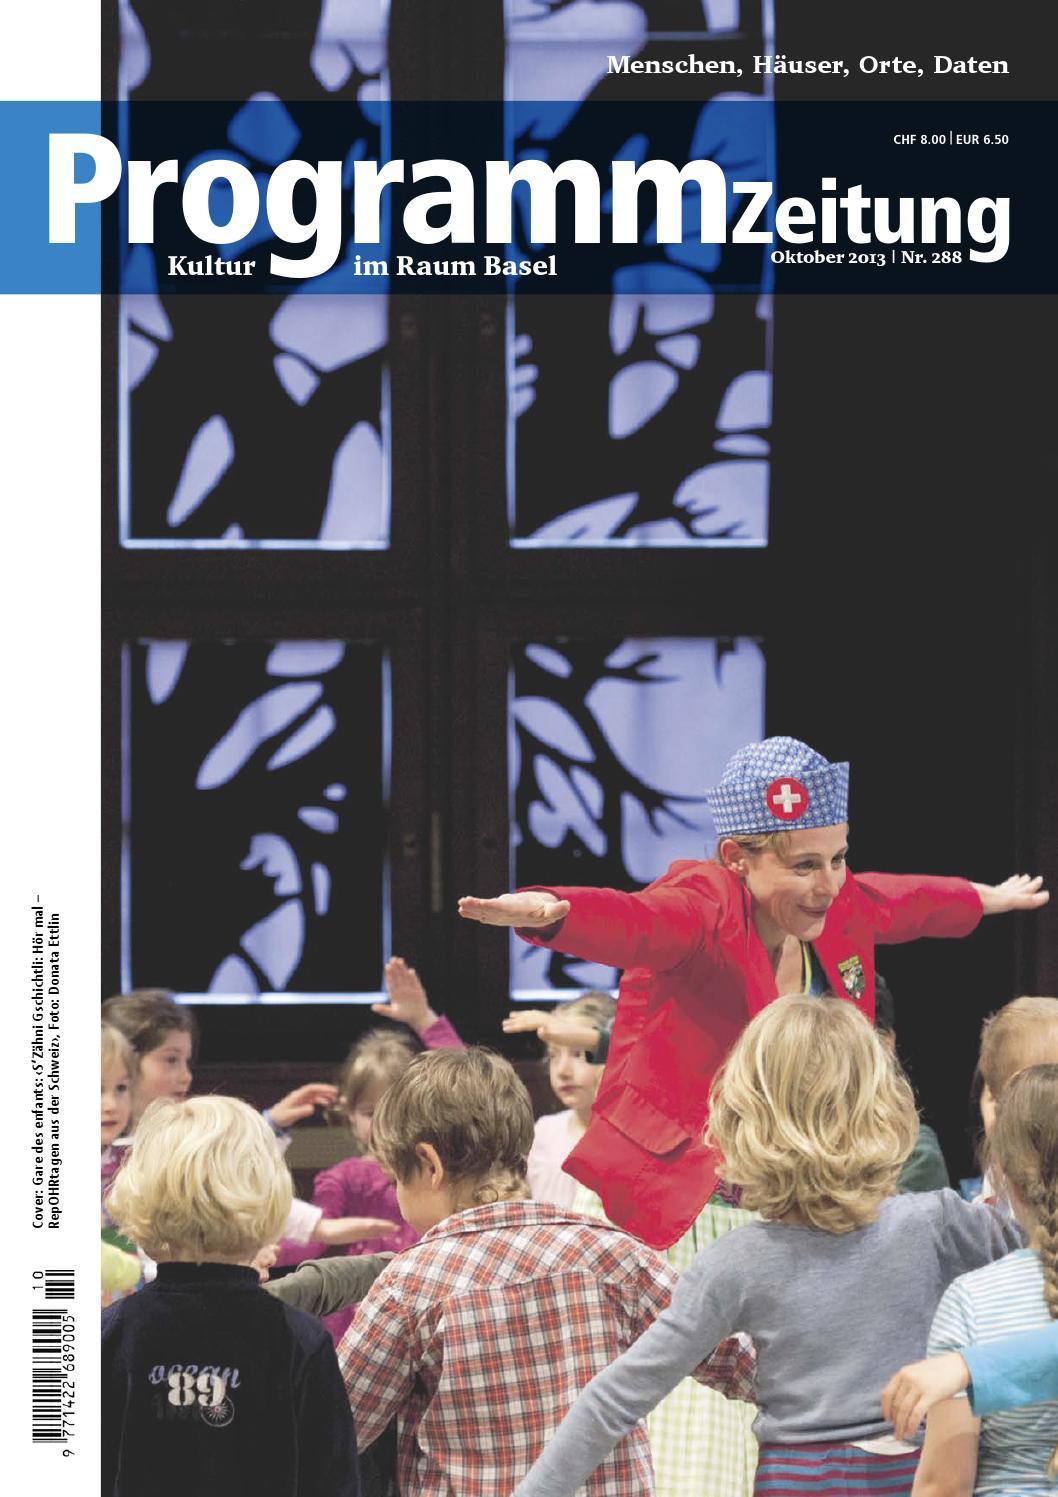 Programmzeitung Oktober 2013 By Programmzeitung Issuu